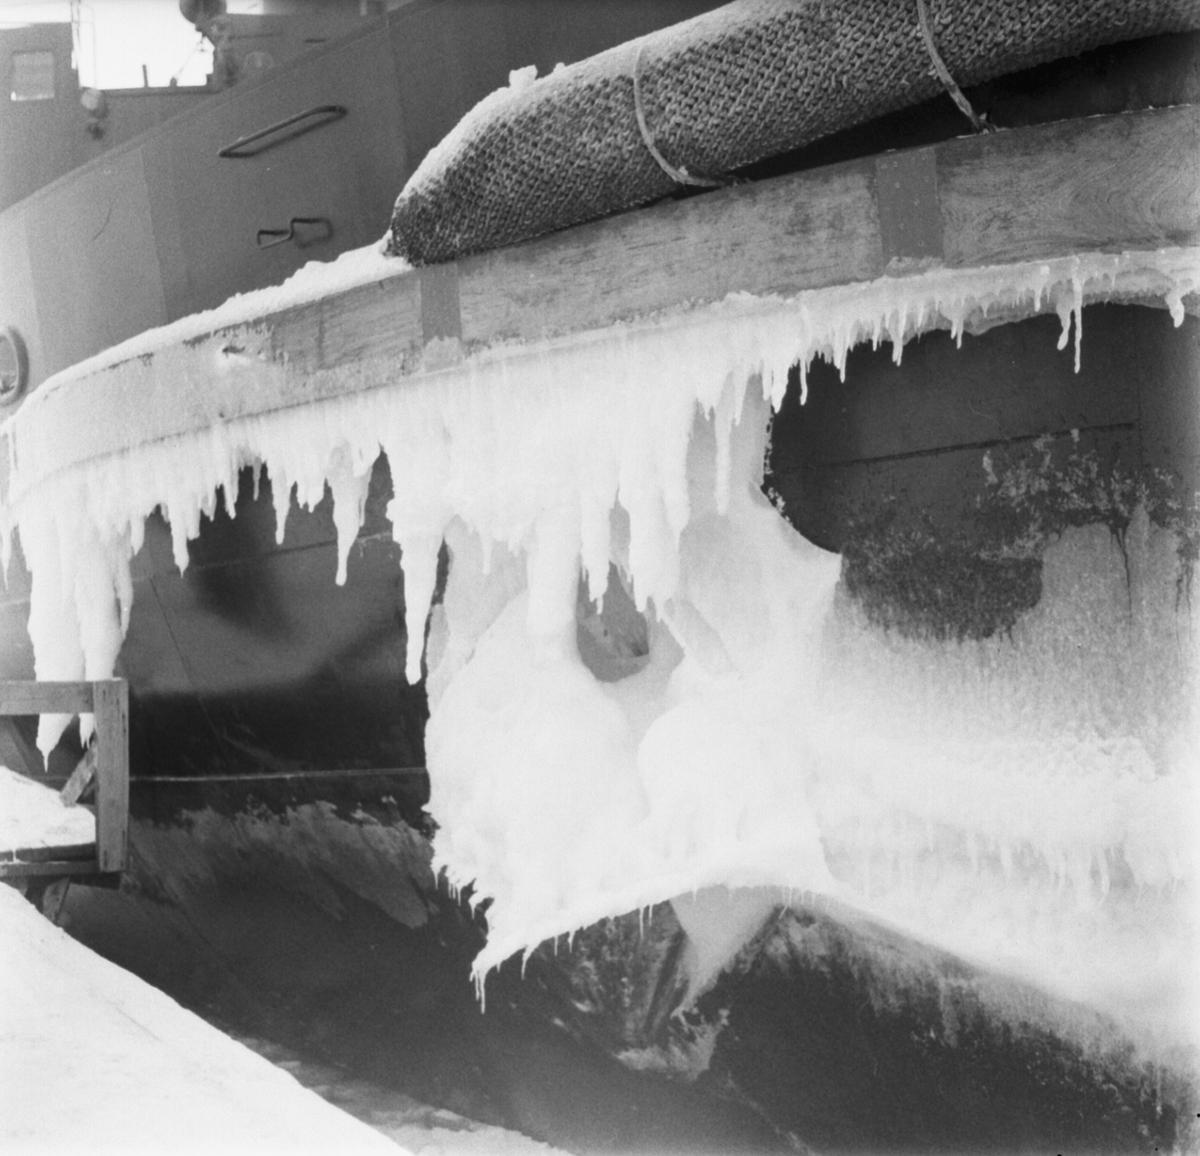 Fartyg: THULE                           Rederi: Svenska staten Byggår: 1953 Varv: Örlogsvarvet, Karlskrona Övrigt: Thule vid kaj